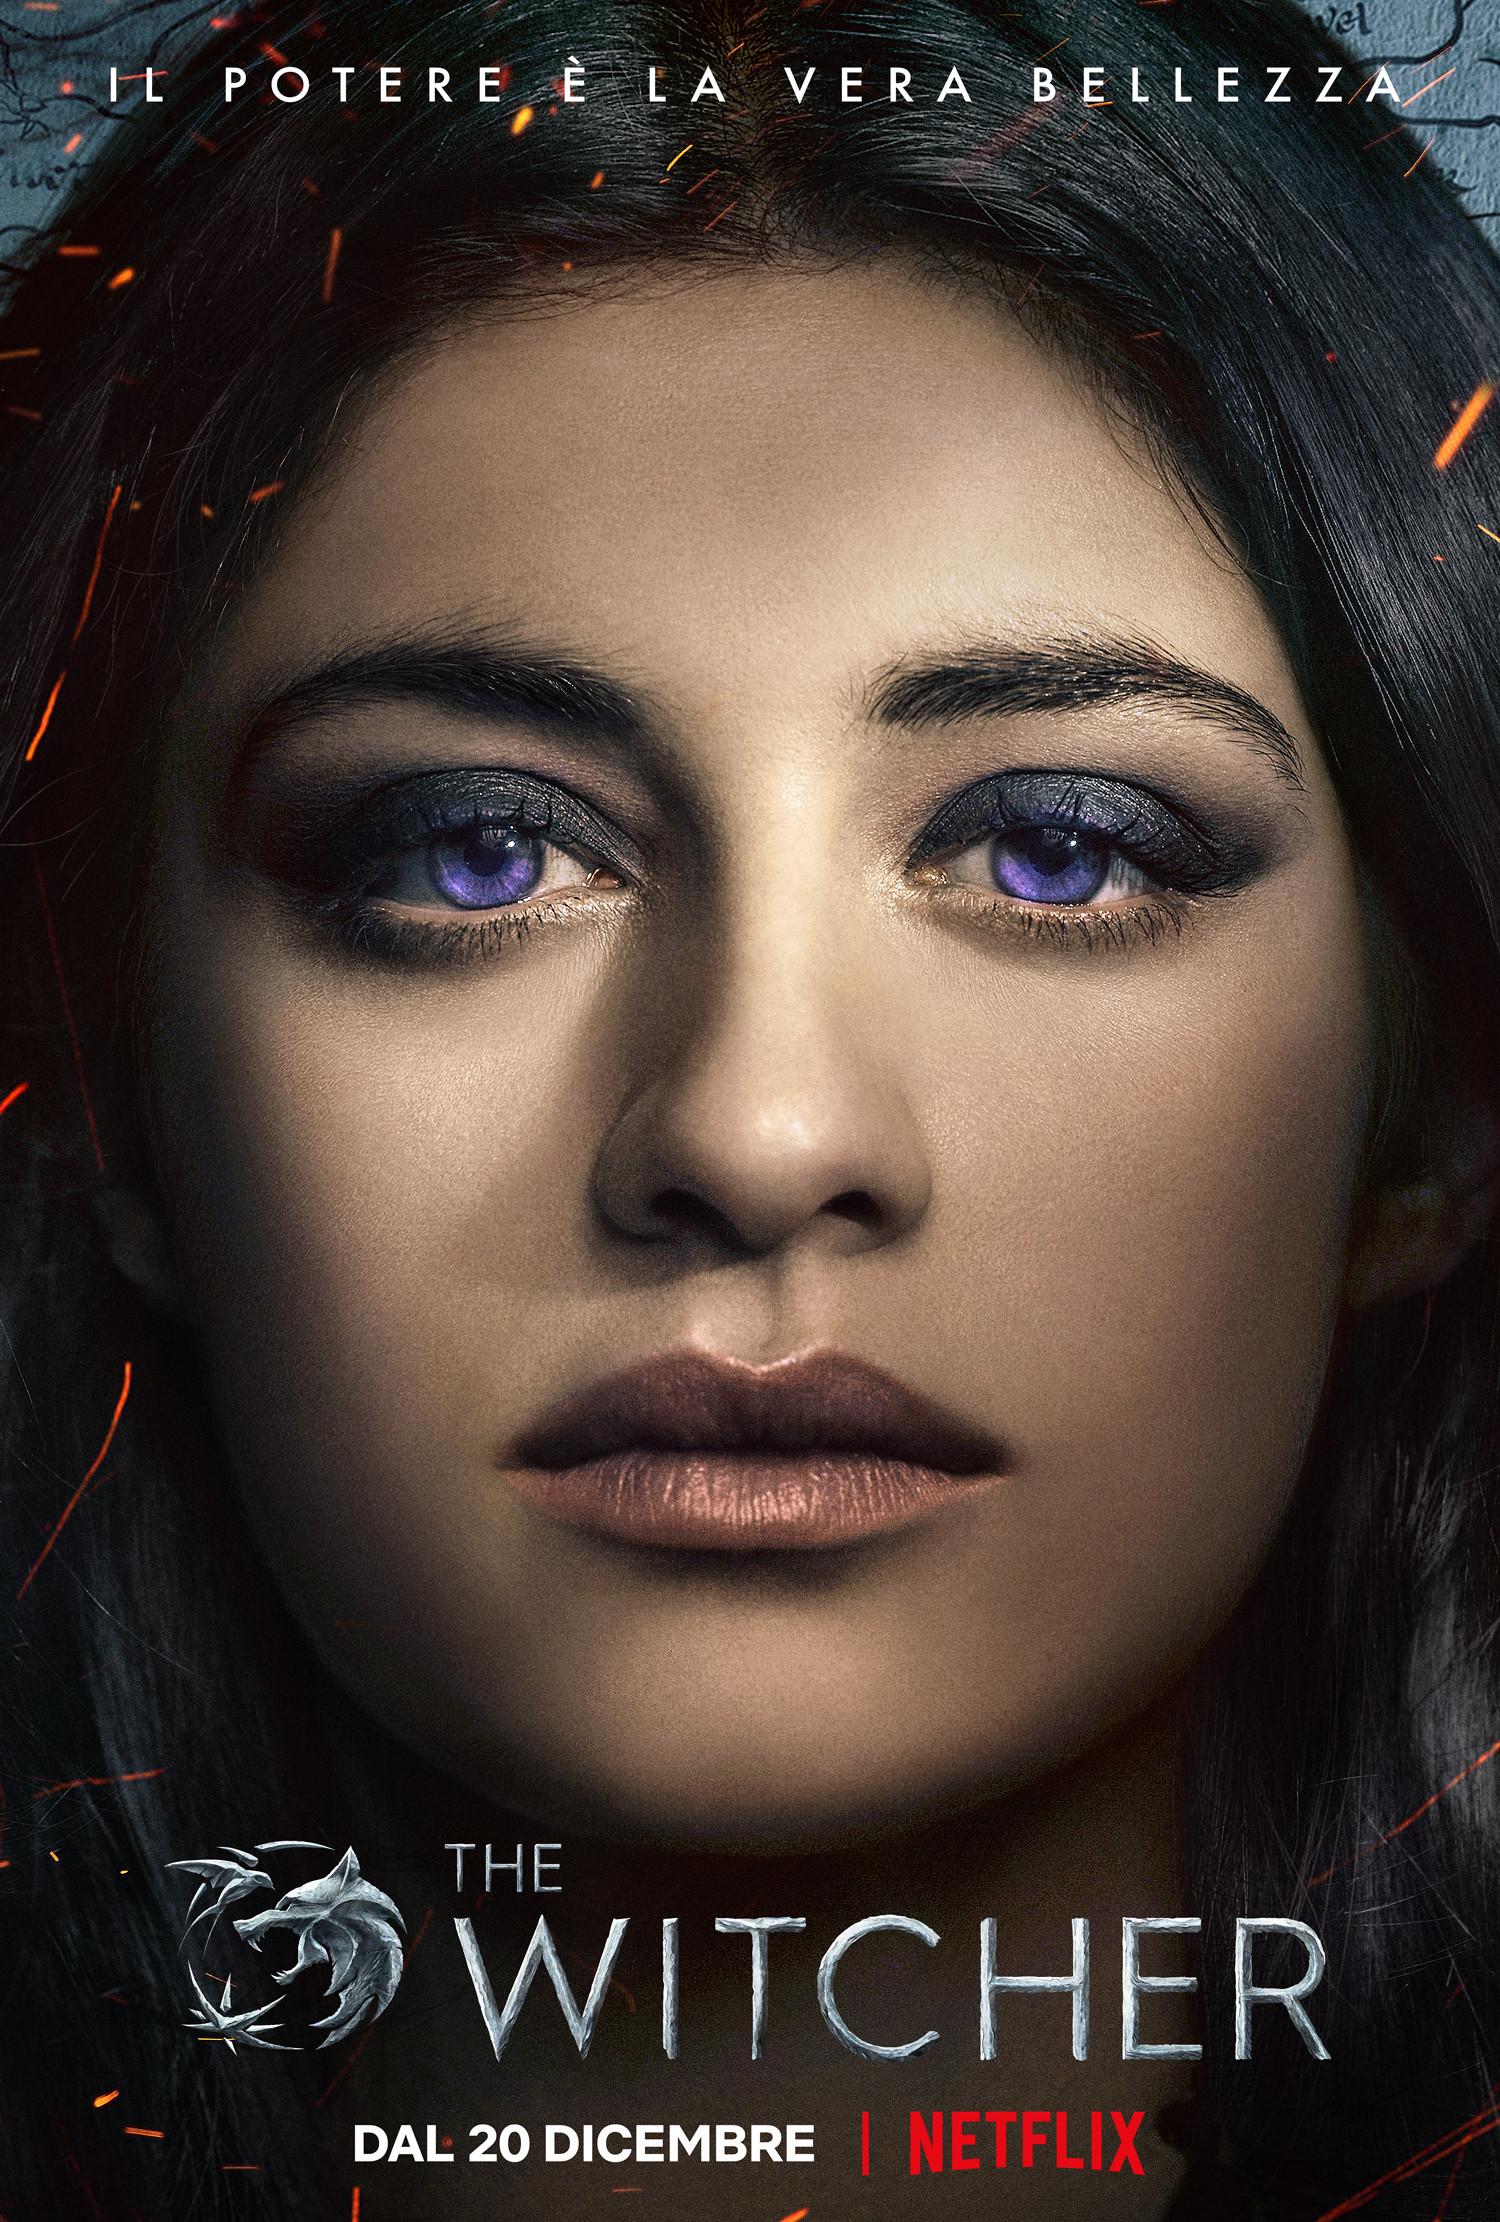 The Witcher: il poster di Yennefer di Vengerberg